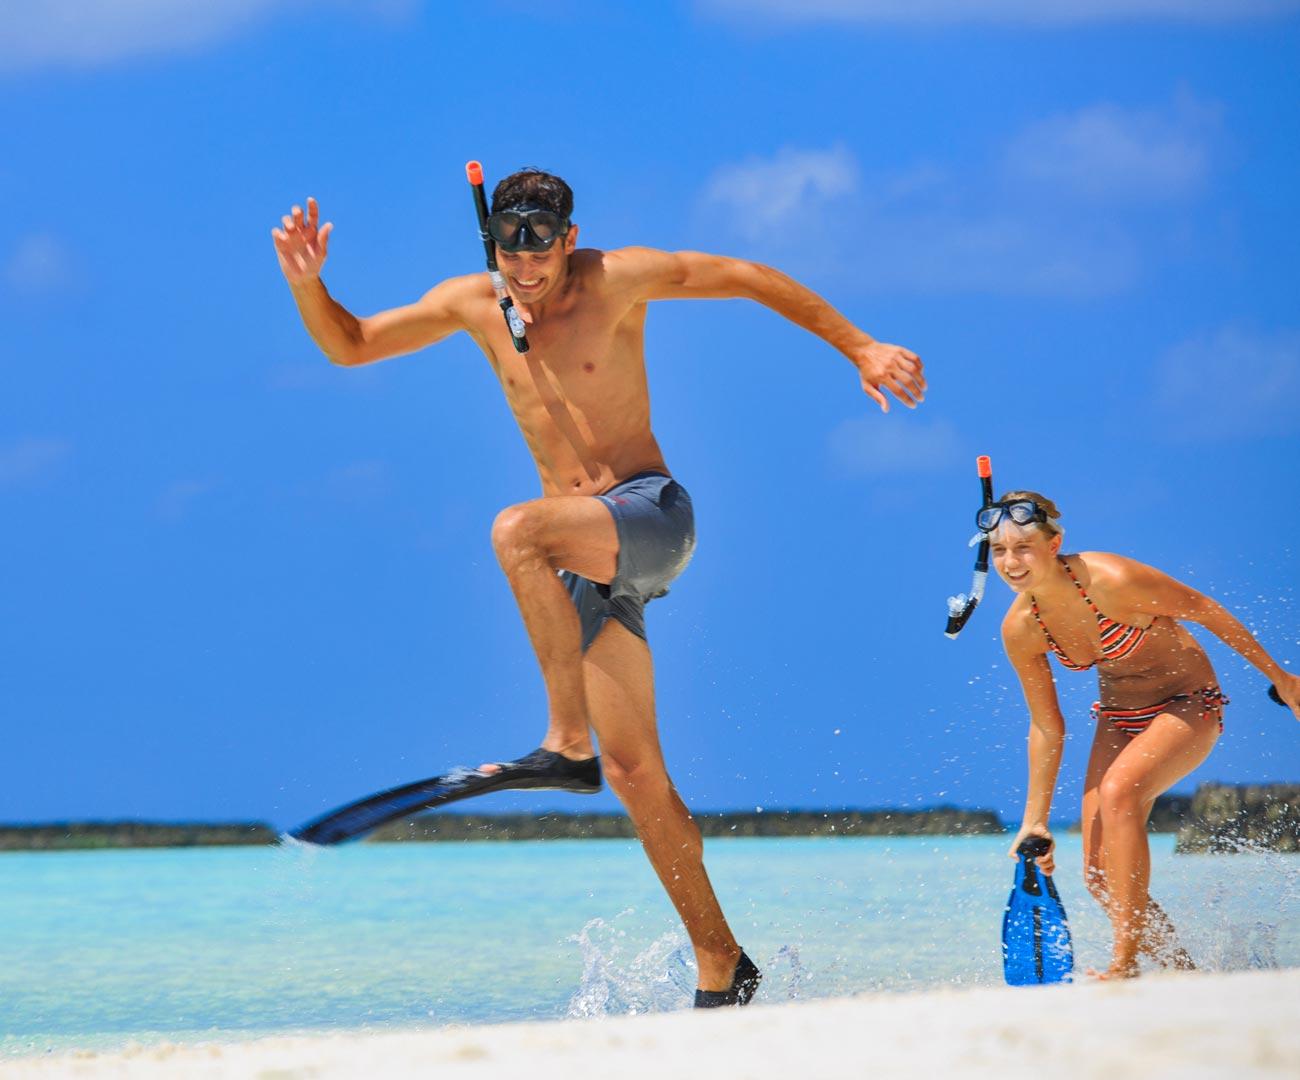 الصورة الغوص في  جزر المالديف | منتجع كورومبا المالديف